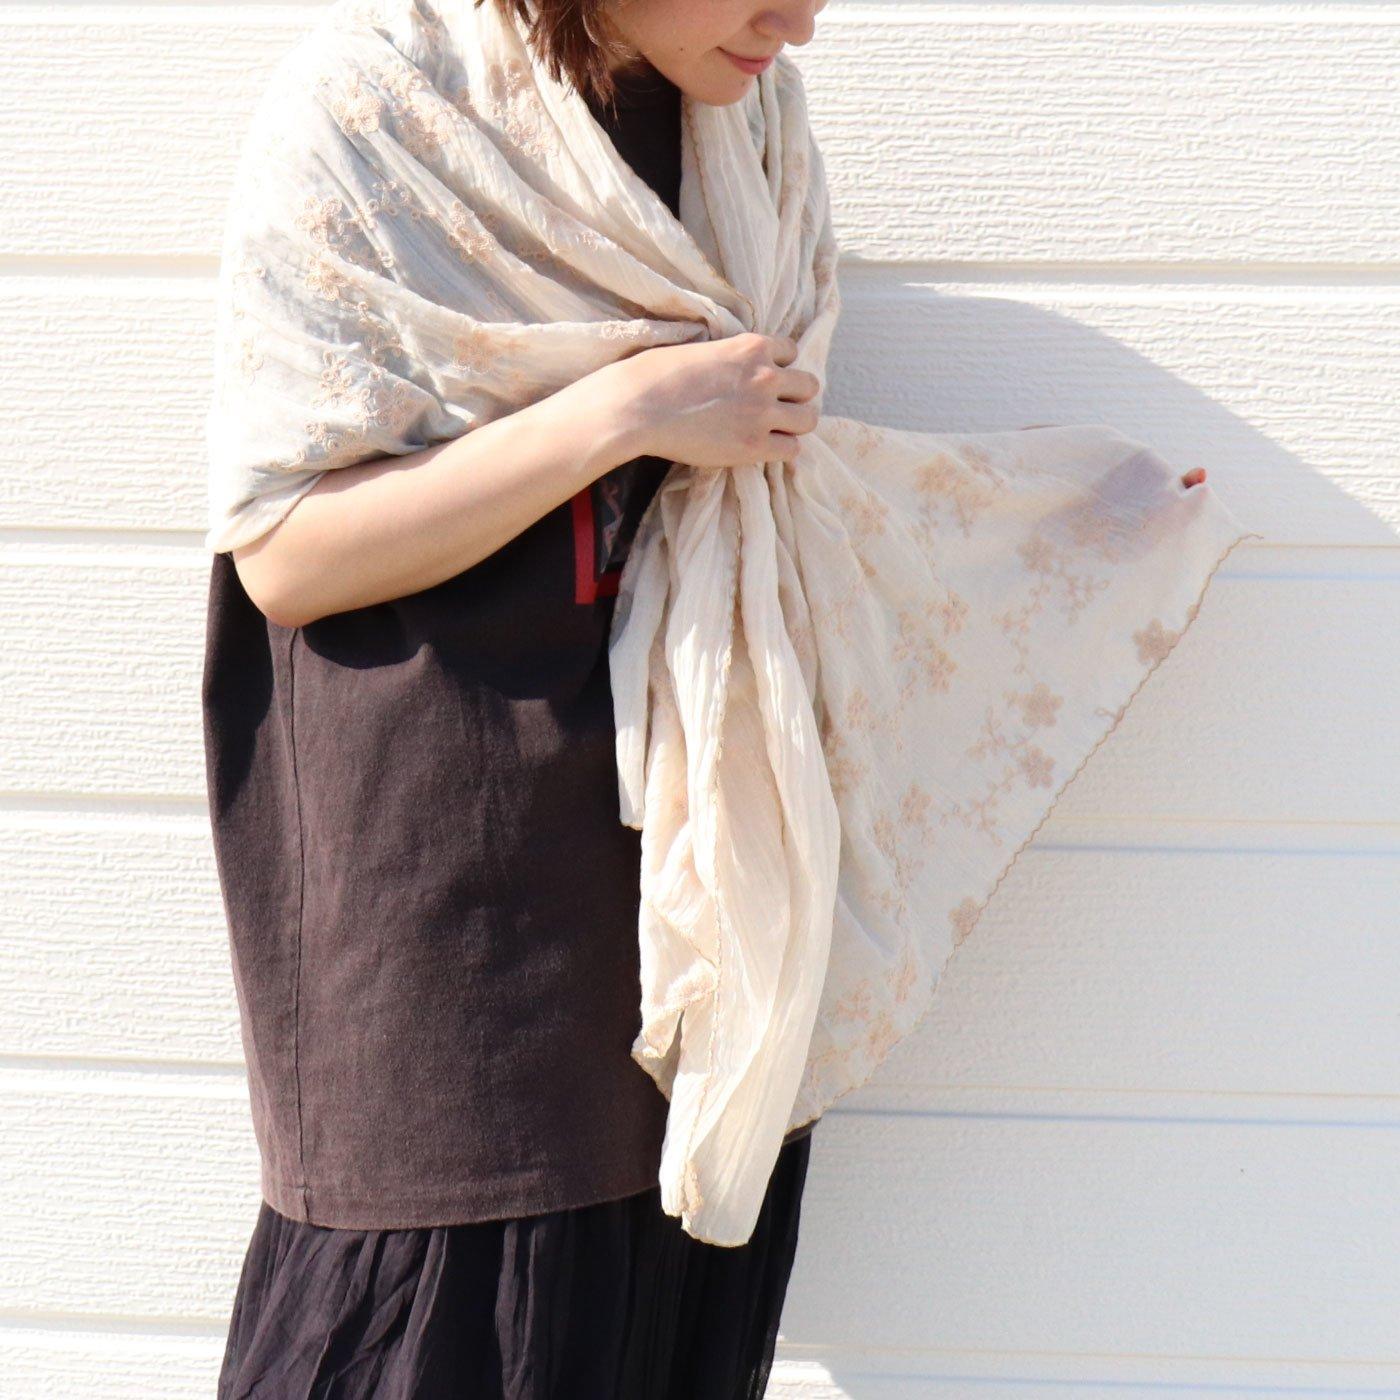 巻いても羽織っても 女性らしいスカラップ仕様の刺しゅうストール